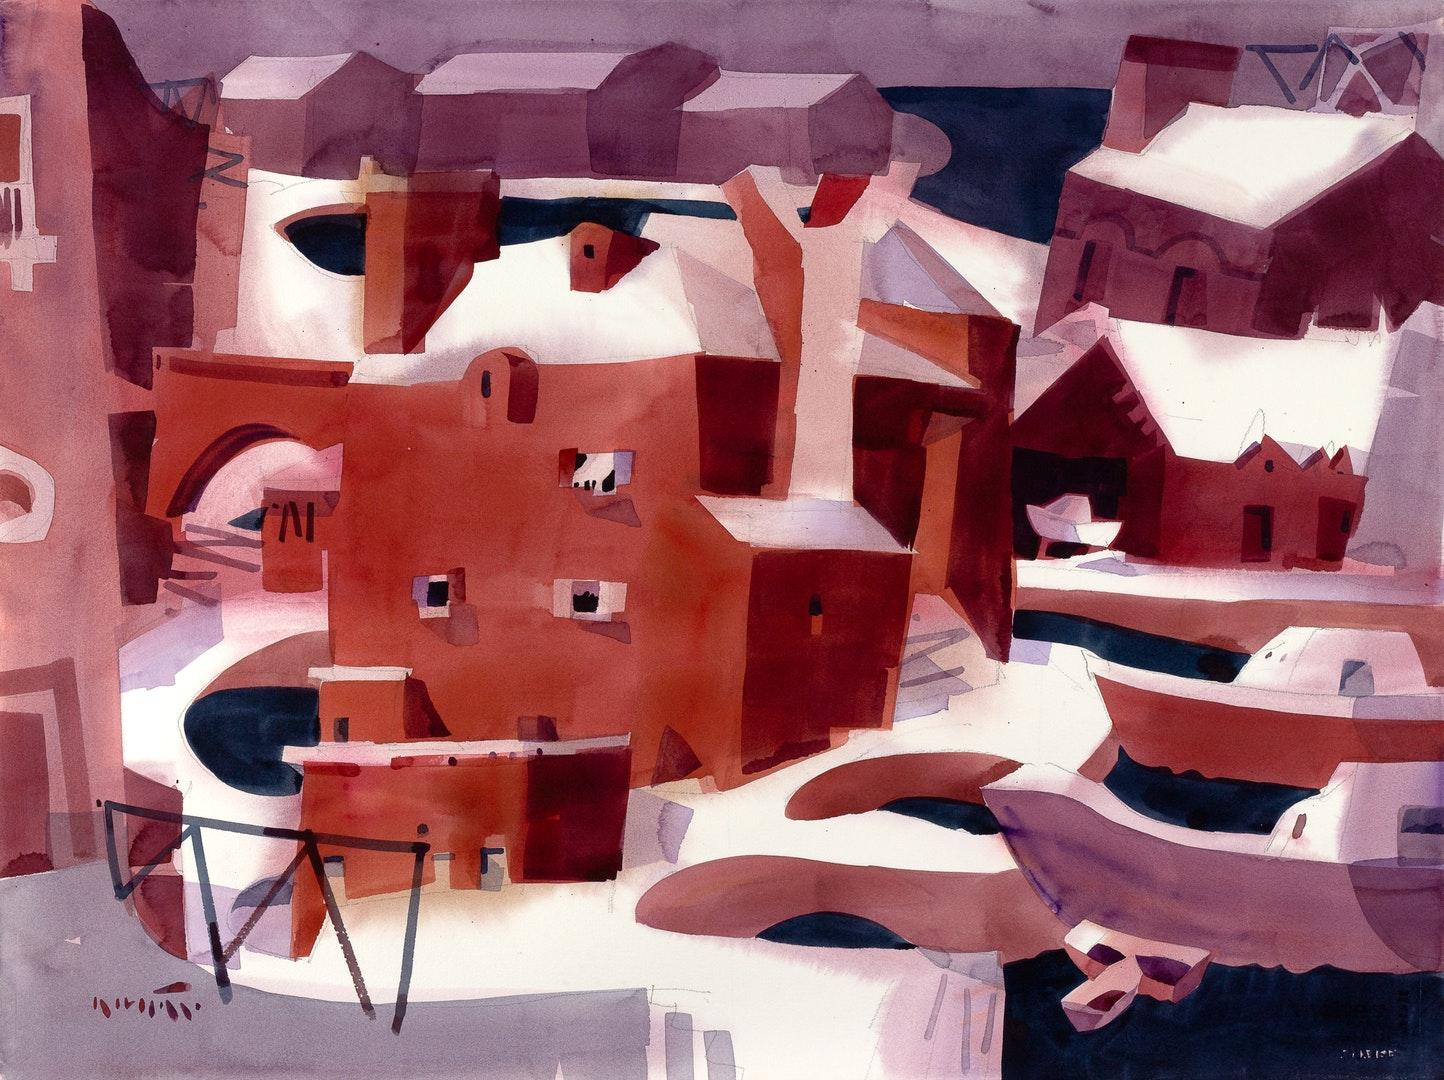 'Chioggia Reimagined', Daniel Novotny, Transparent watercolor on paper, 56 x 76 cm